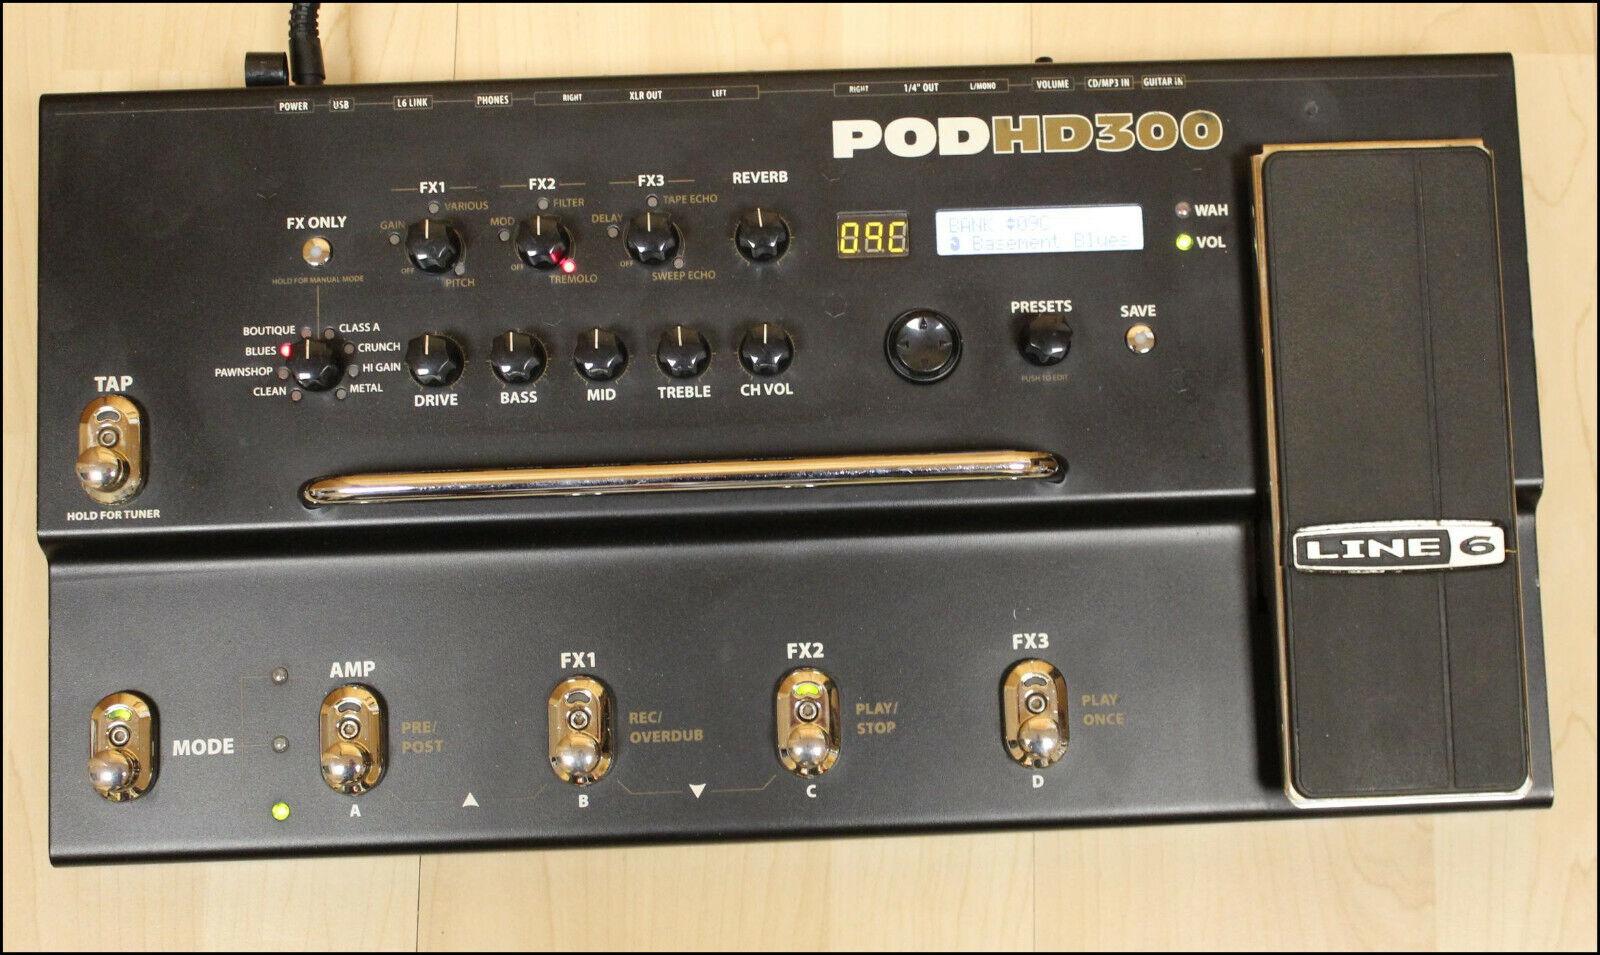 Line 6 POD HD300 Boden Multieffekt Gerät für E-Gitarre Bodentreter Pedal Preamp